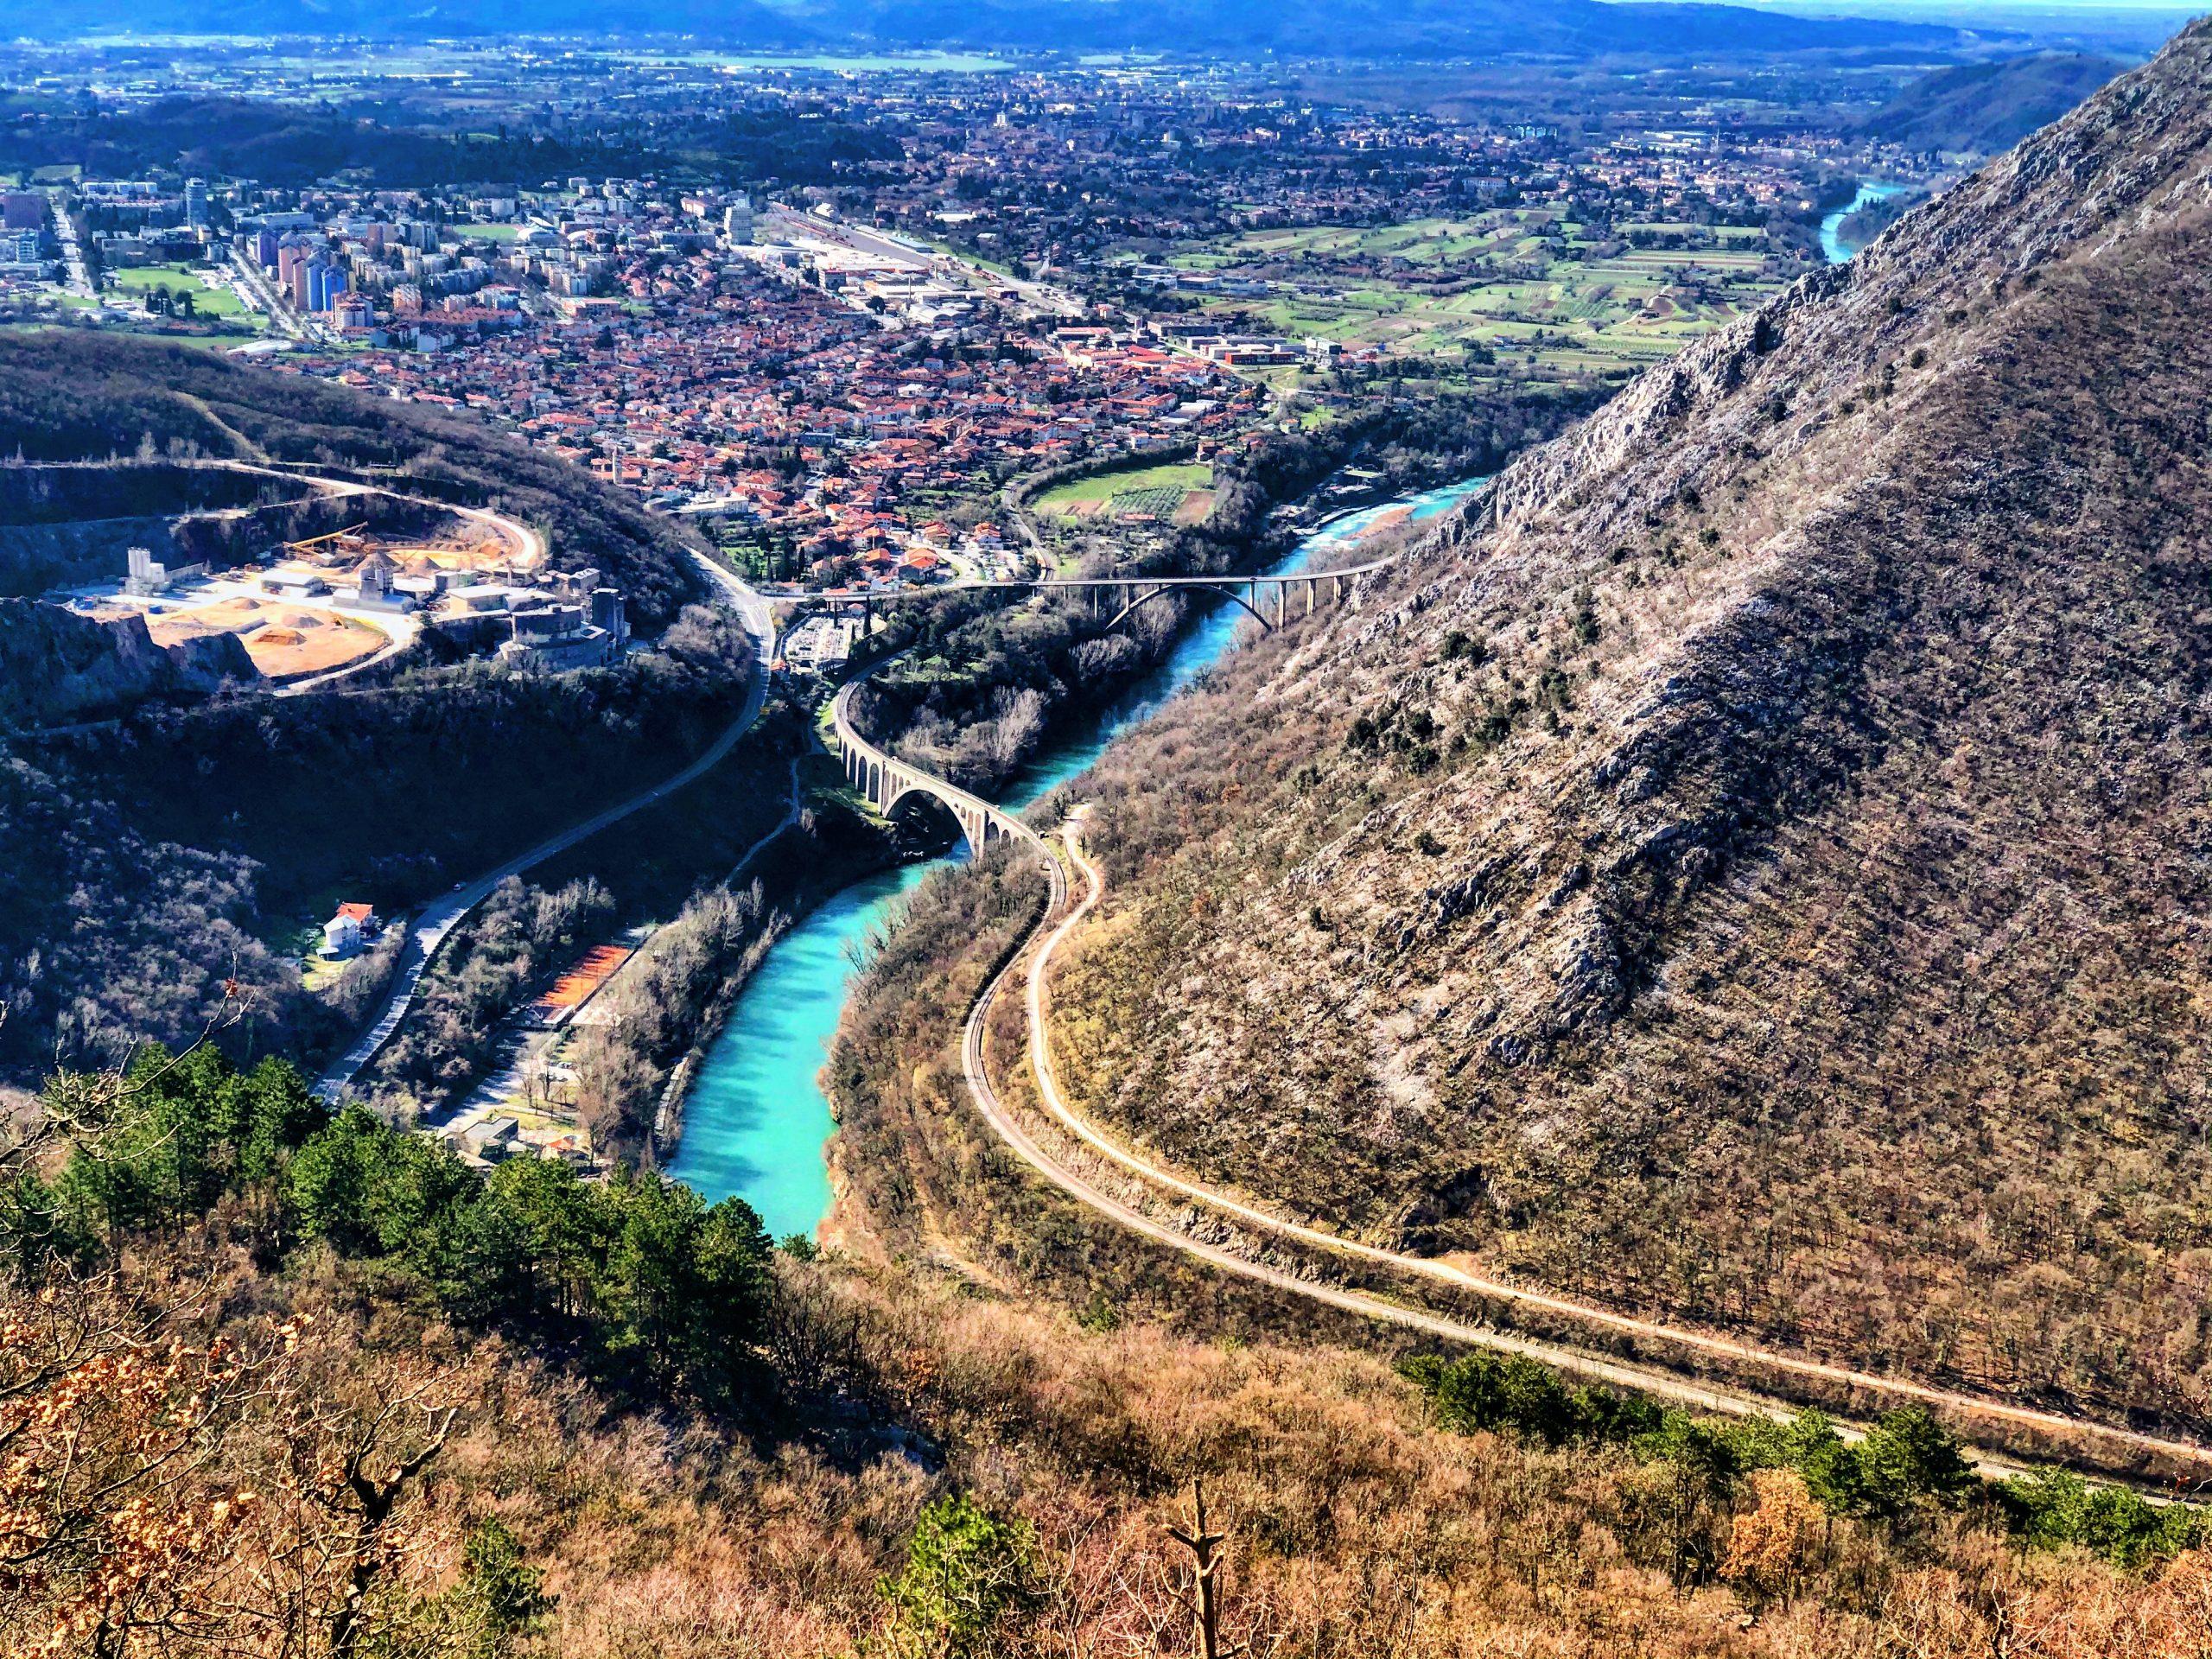 Priprave gorskih tekačev v Novi Gorici